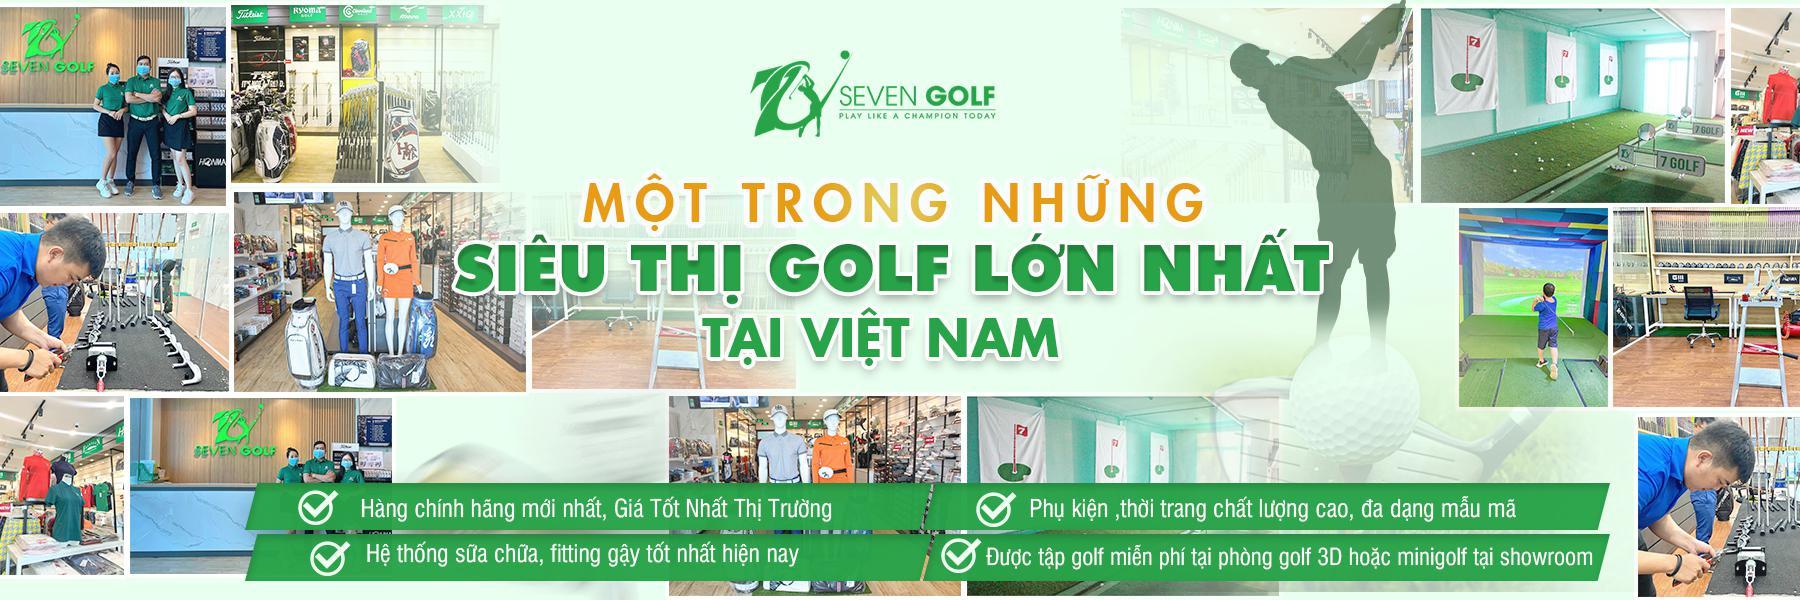 siêu thị golf 7 golf